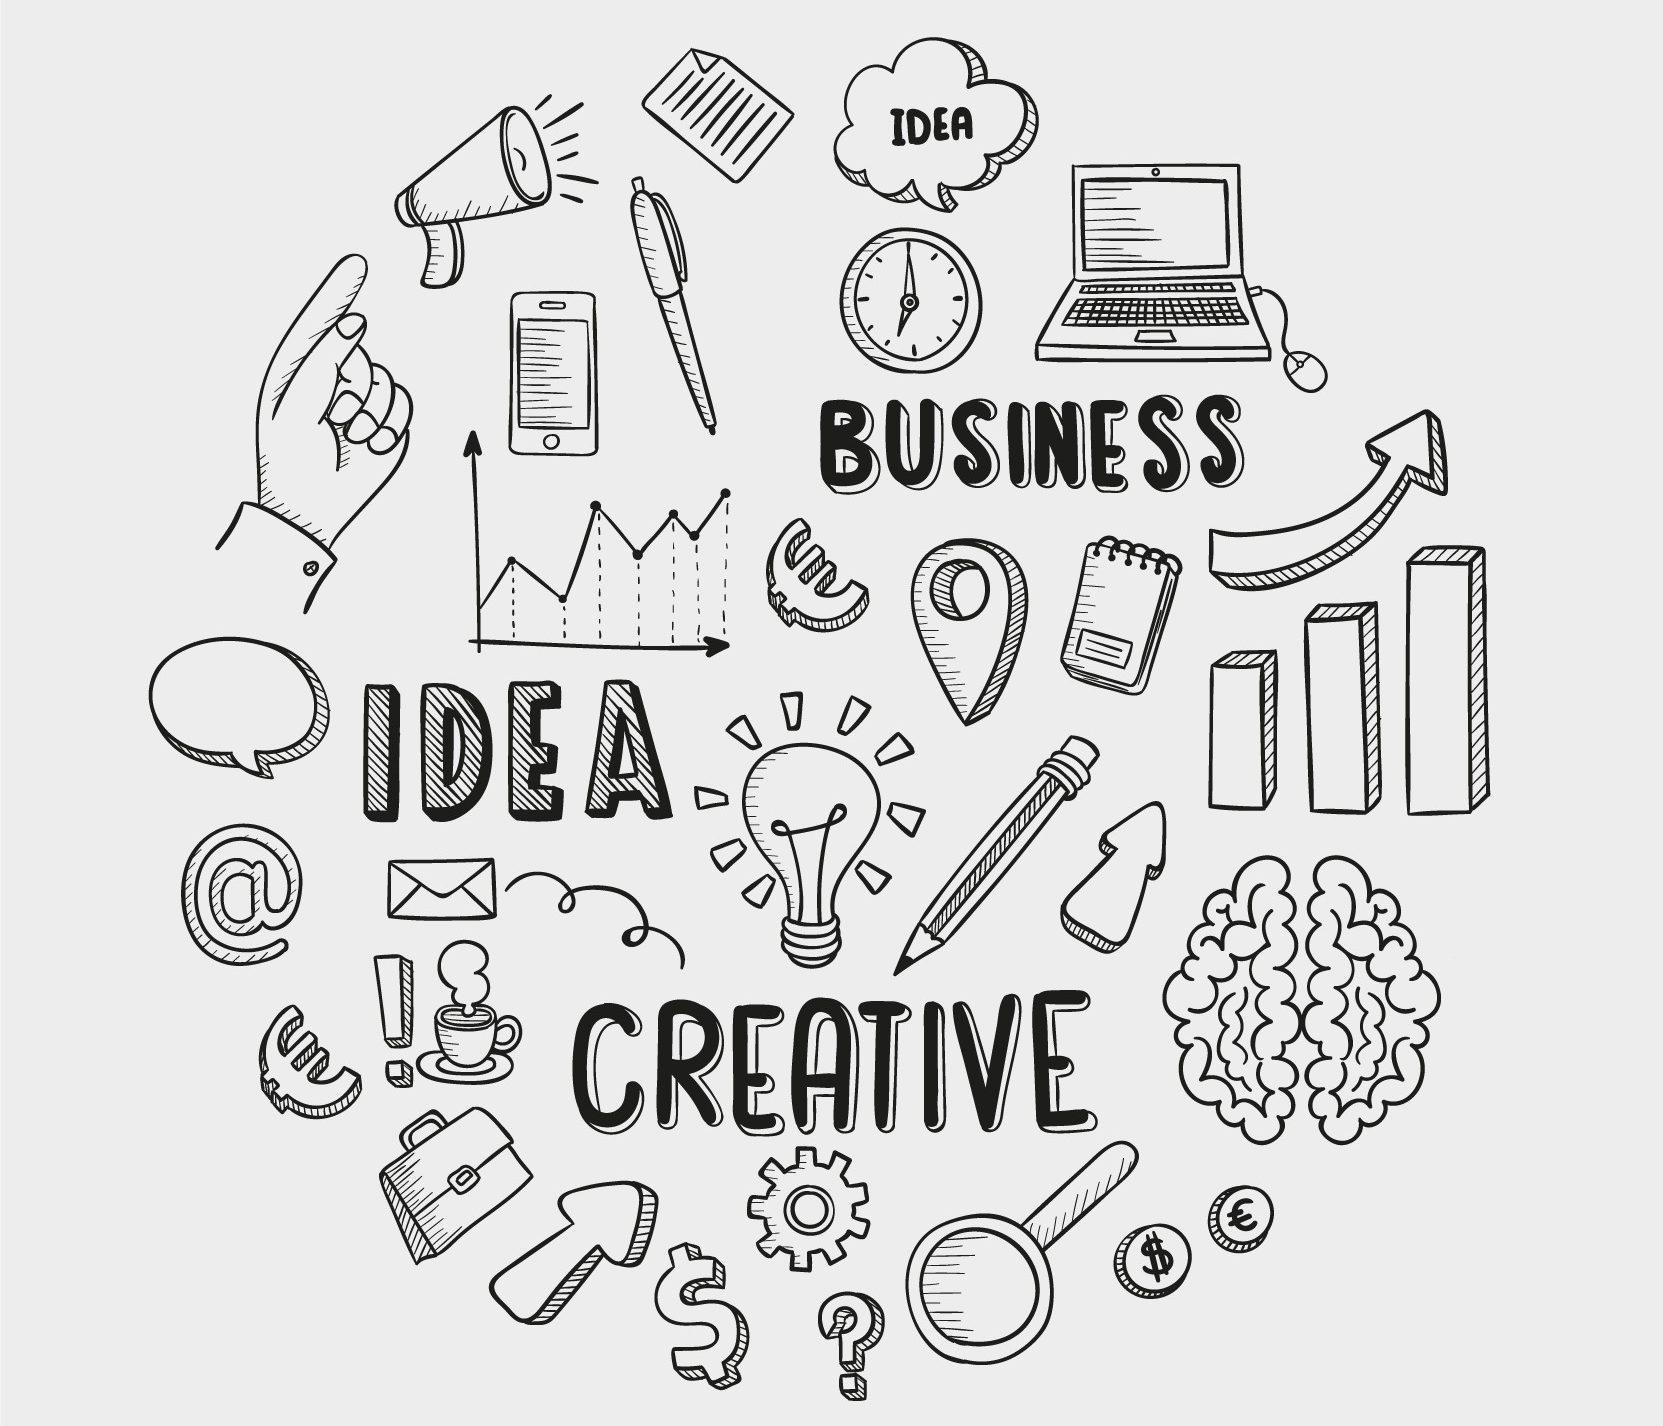 بازاریابی خلاقانه